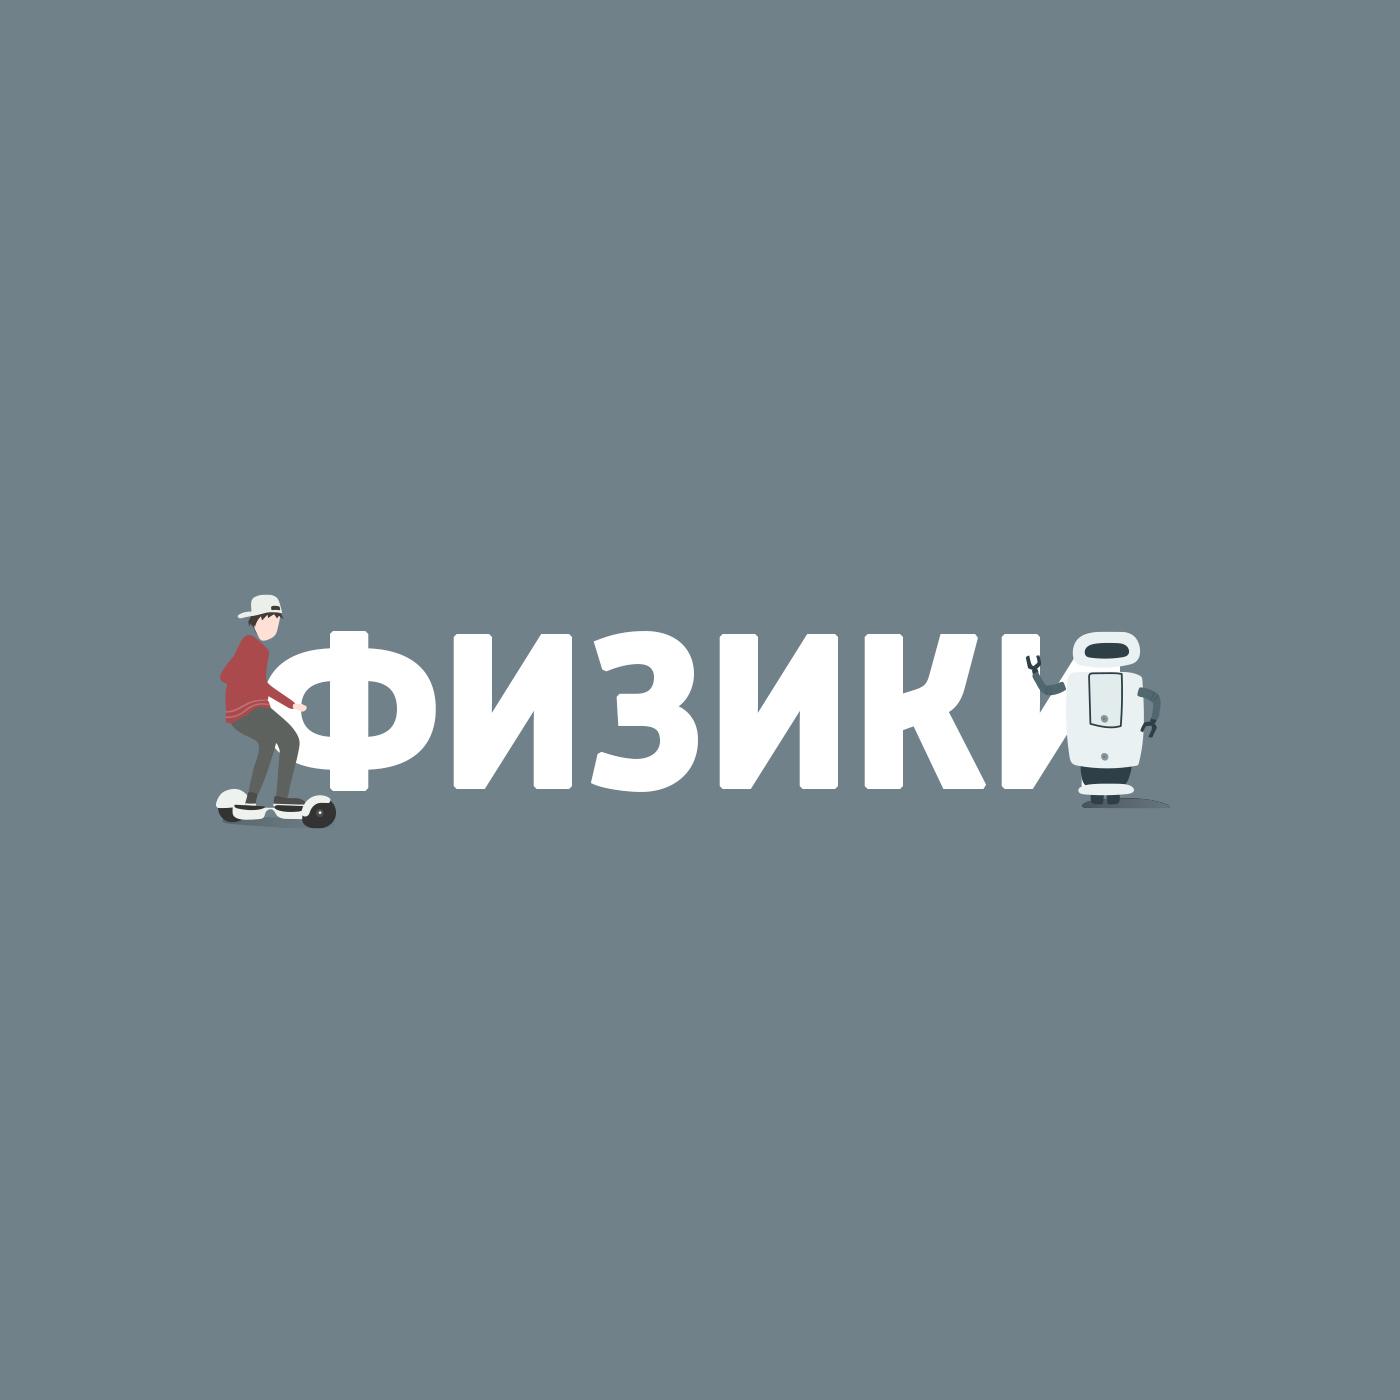 цена Маргарита Митрофанова Теоретическая физика. 110 лет со дня рождения физика Льва Ландау онлайн в 2017 году